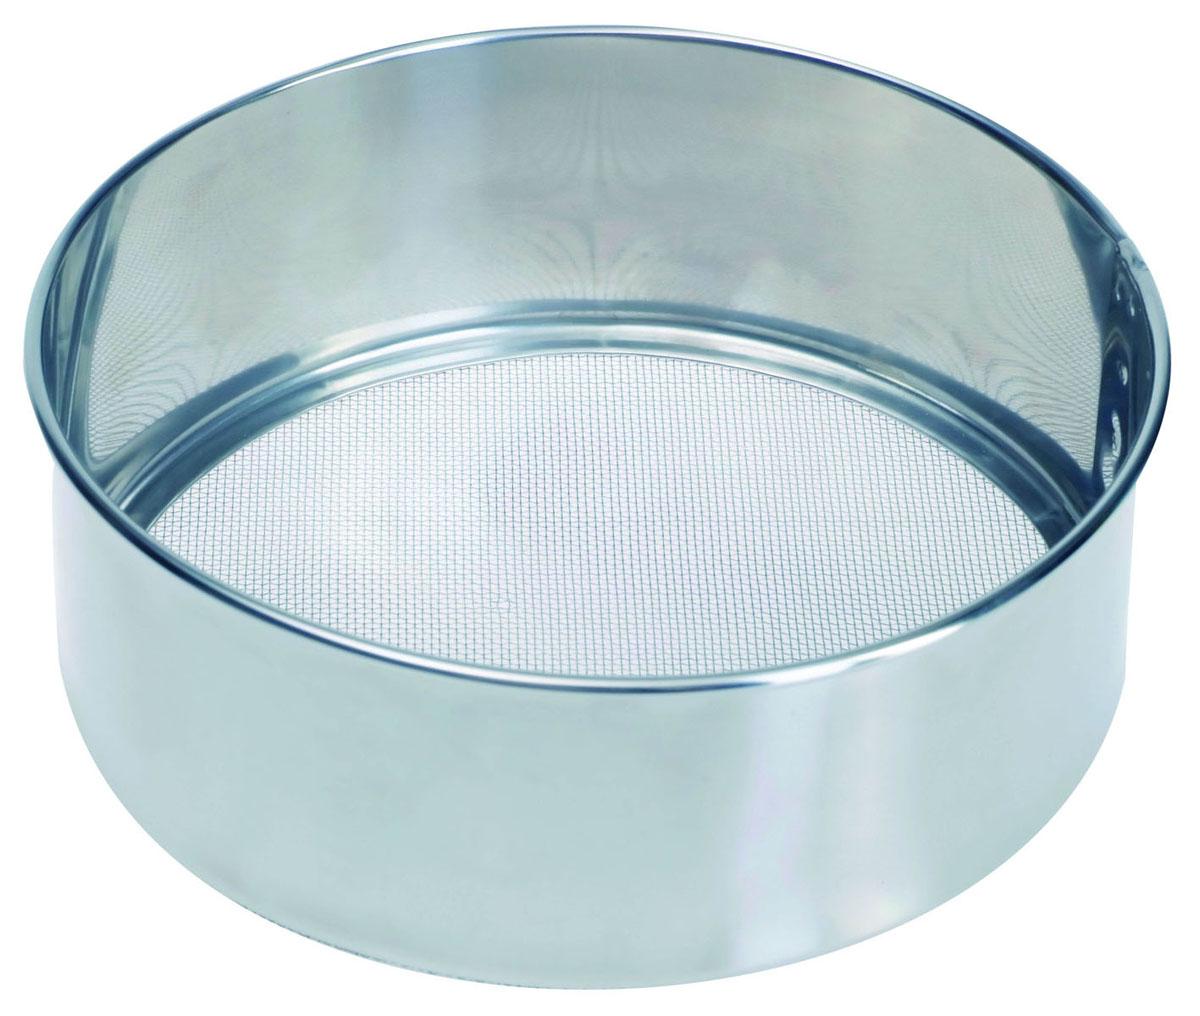 Сито Pronto. Диаметр 16 см93-PRO-32-16Сито Linea Pronto, выполненное из высококачественной нержавеющей стали, станет незаменимым аксессуаром на вашей кухне. Оно предназначено для просеивания муки и процеживания. Прочная стальная сетка и корпус обеспечивают изделию износостойкость и долговечность. Такое сито станет достойным дополнением к кухонному инвентарю. Характеристики: Материал: нержавеющая сталь. Диаметр: 16 см. Высота стенок: 5 см. Артикул: 93-PRO-32-16.